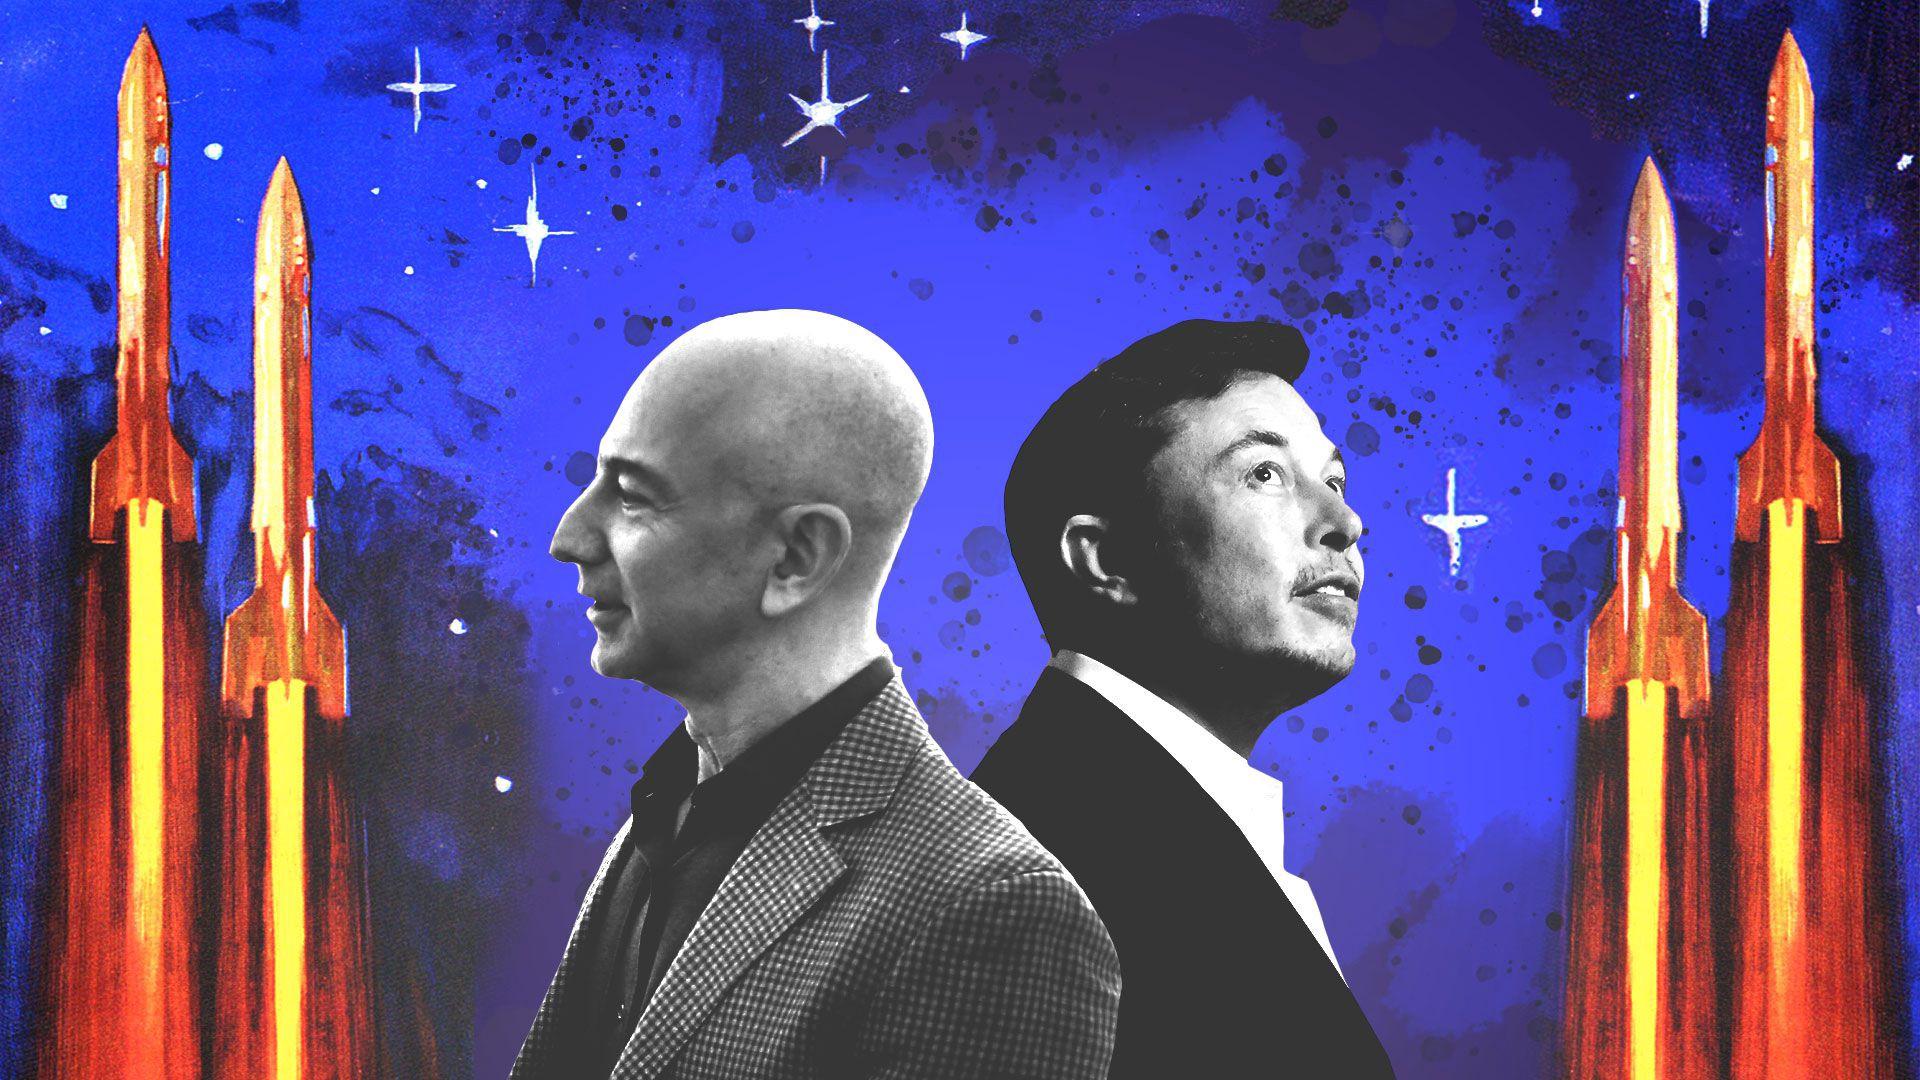 Elon Musk (phải) và Jeff Bezos (trái) có tham vọng lớn trong việc chinh phục vũ trụ. Ảnh: Medium.